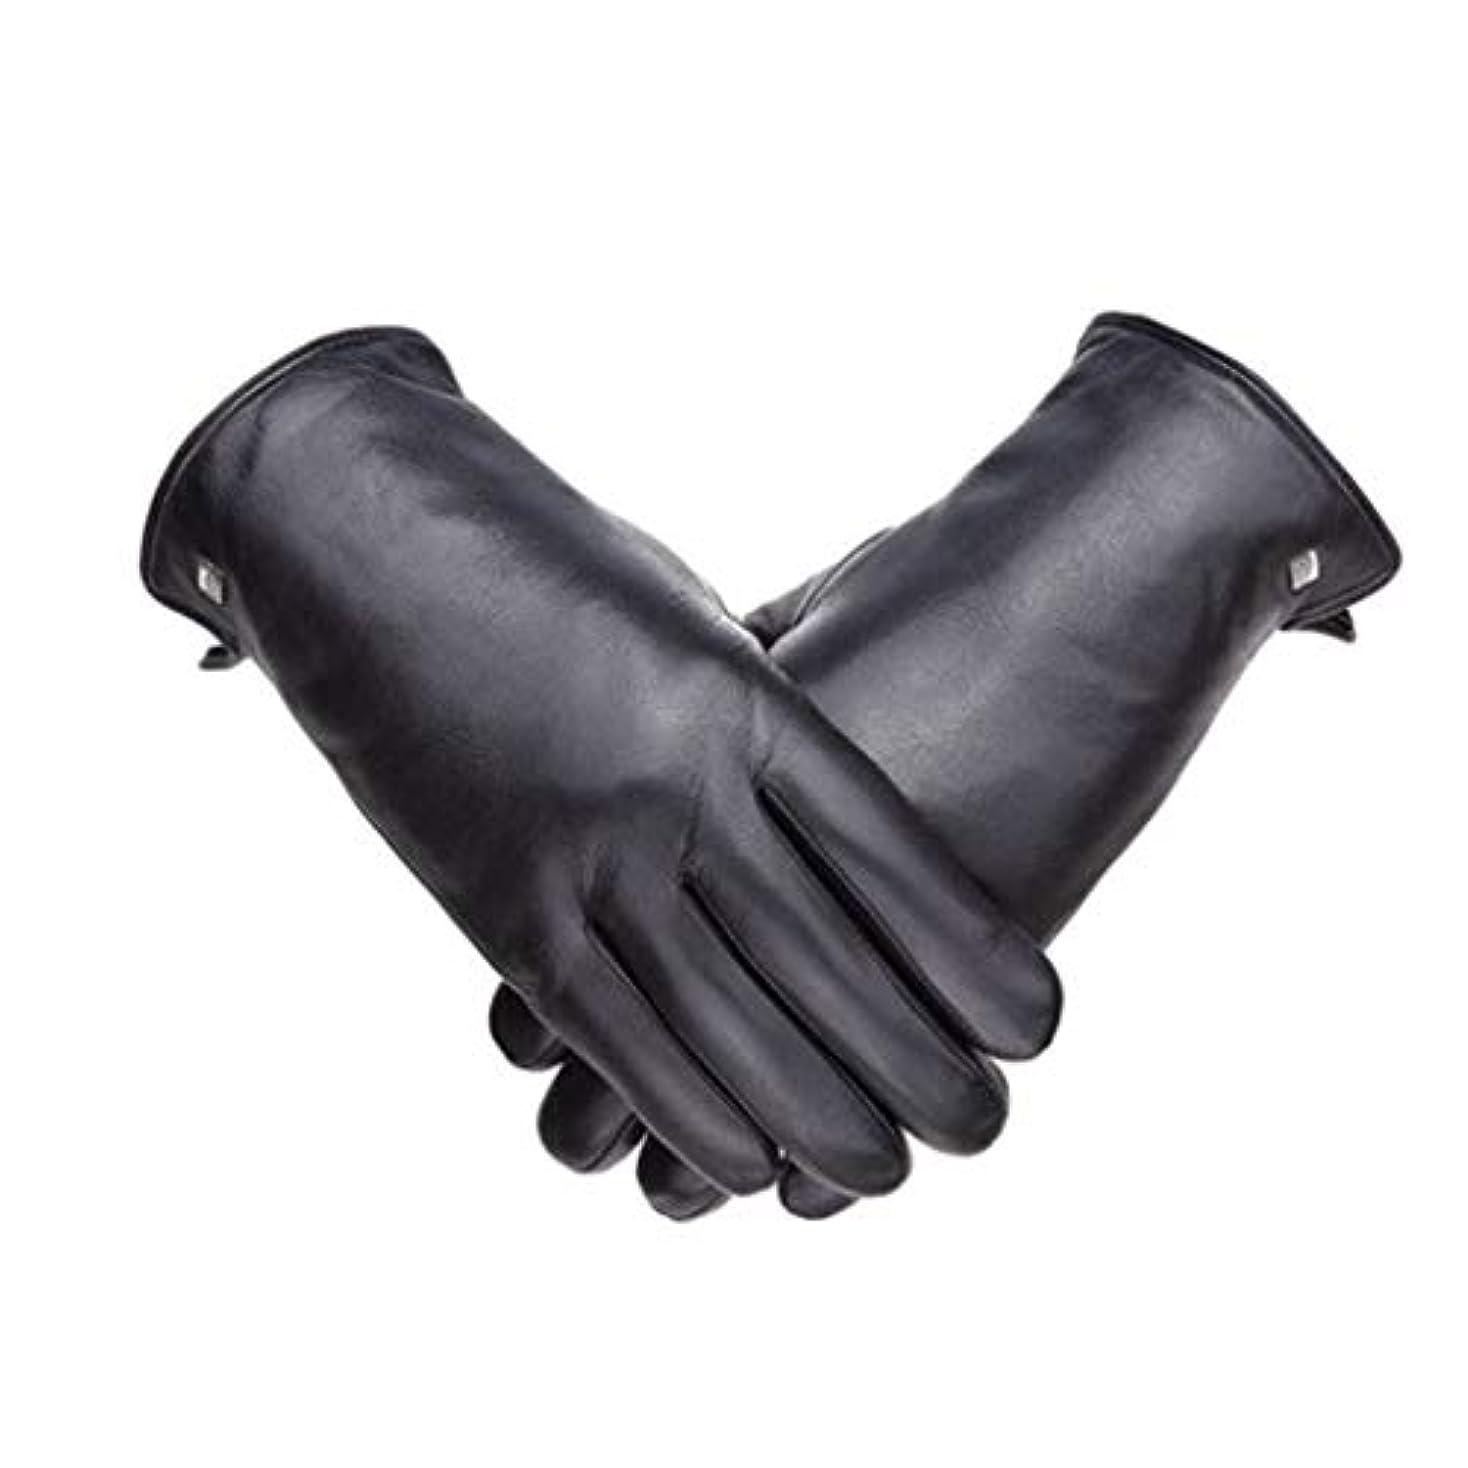 無心確執鷹革の肥厚プラスベルベット柔らかなヤギの男性の手袋防風寒い冬暖かい手袋を乗って19841101-01B黒XXL